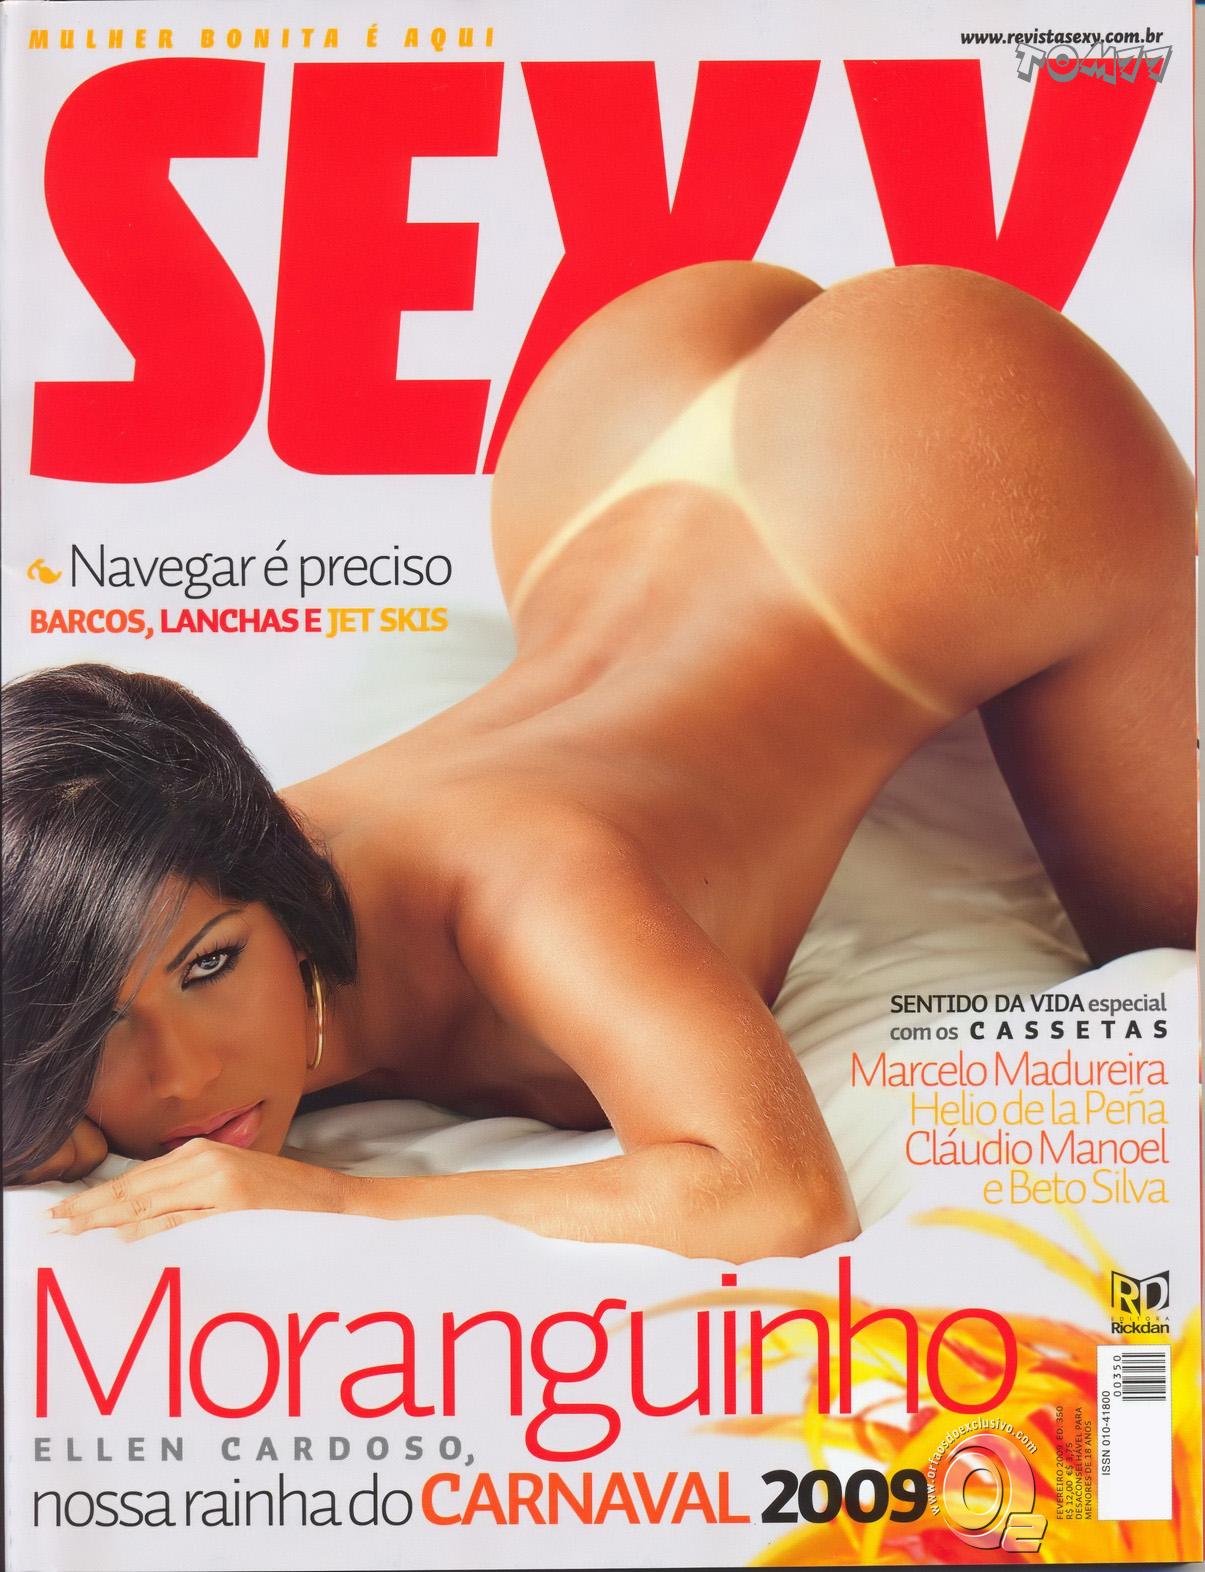 Эротические журналы eroticon читать бесплатно 26 фотография